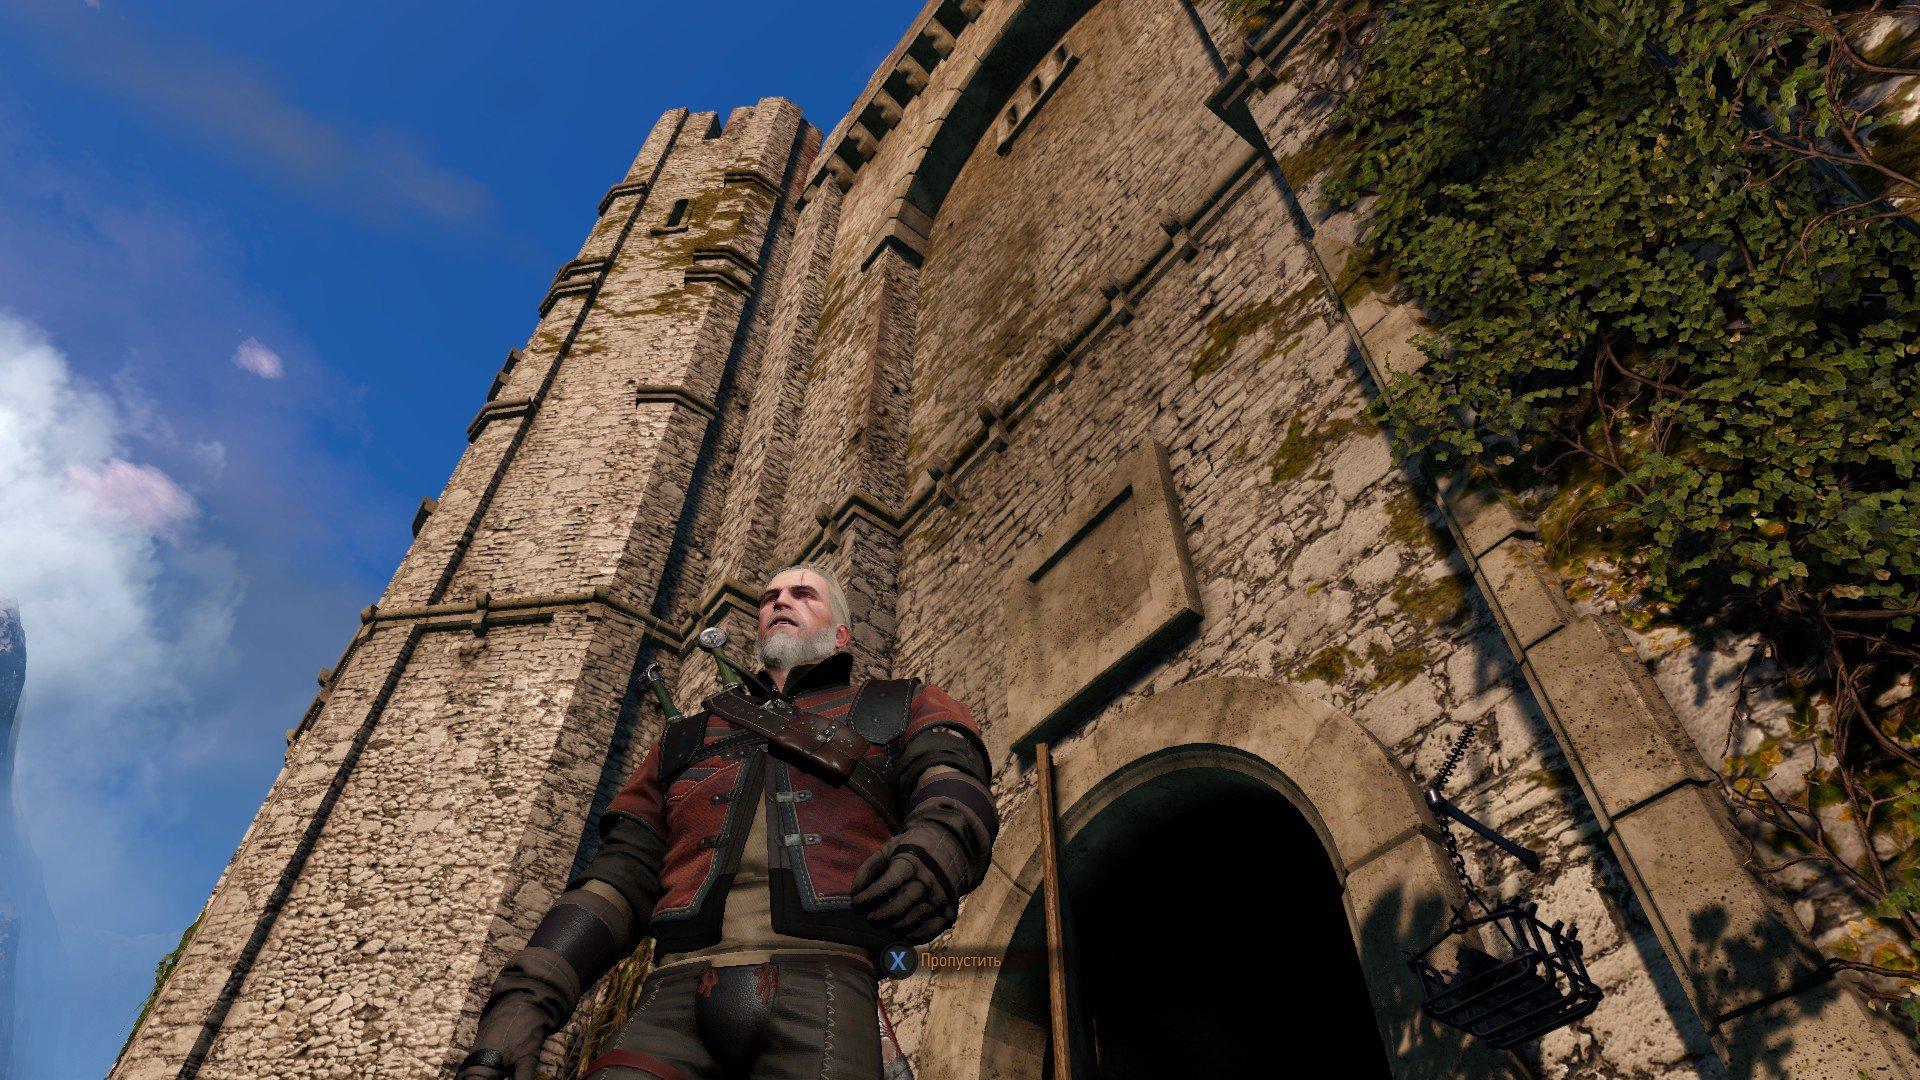 The Witcher 3: Wild Hunt. Список изменений патча 1.10. Часть 2.   Стабильность:   - Исправлены проблемы сбоя на аппа ... - Изображение 4